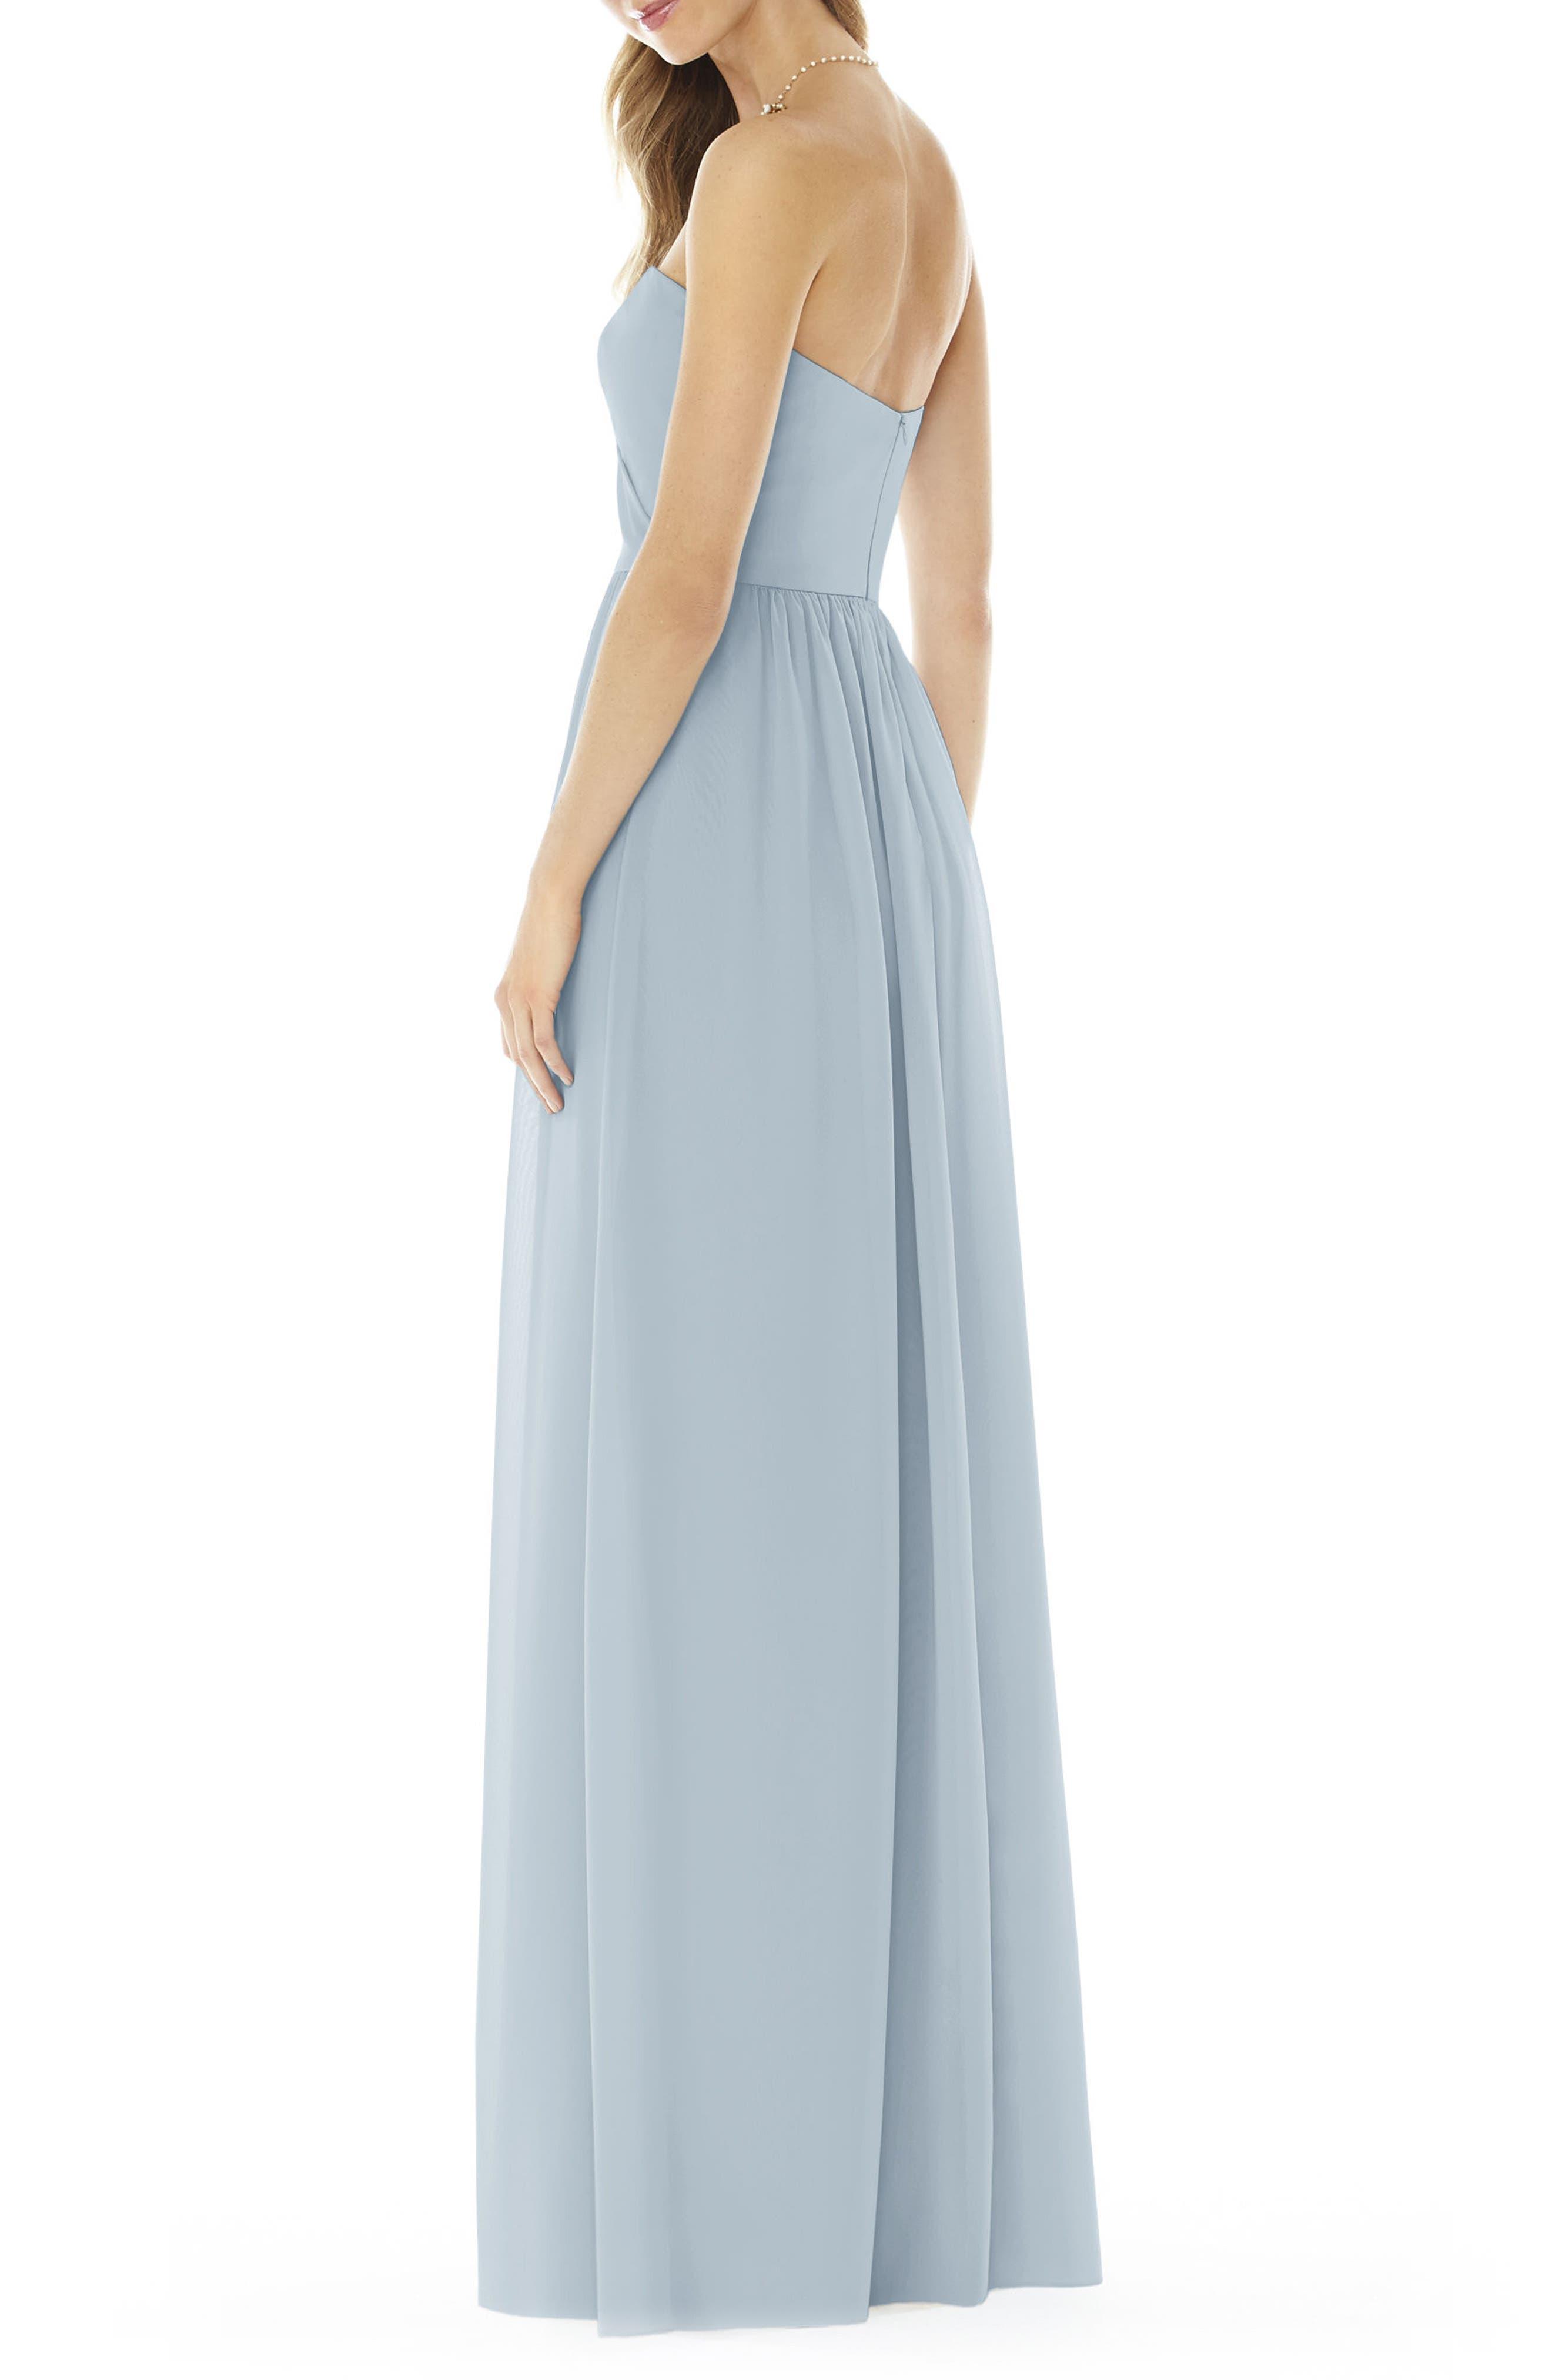 Grey Bridesmaid & Wedding Party Dresses | Nordstrom